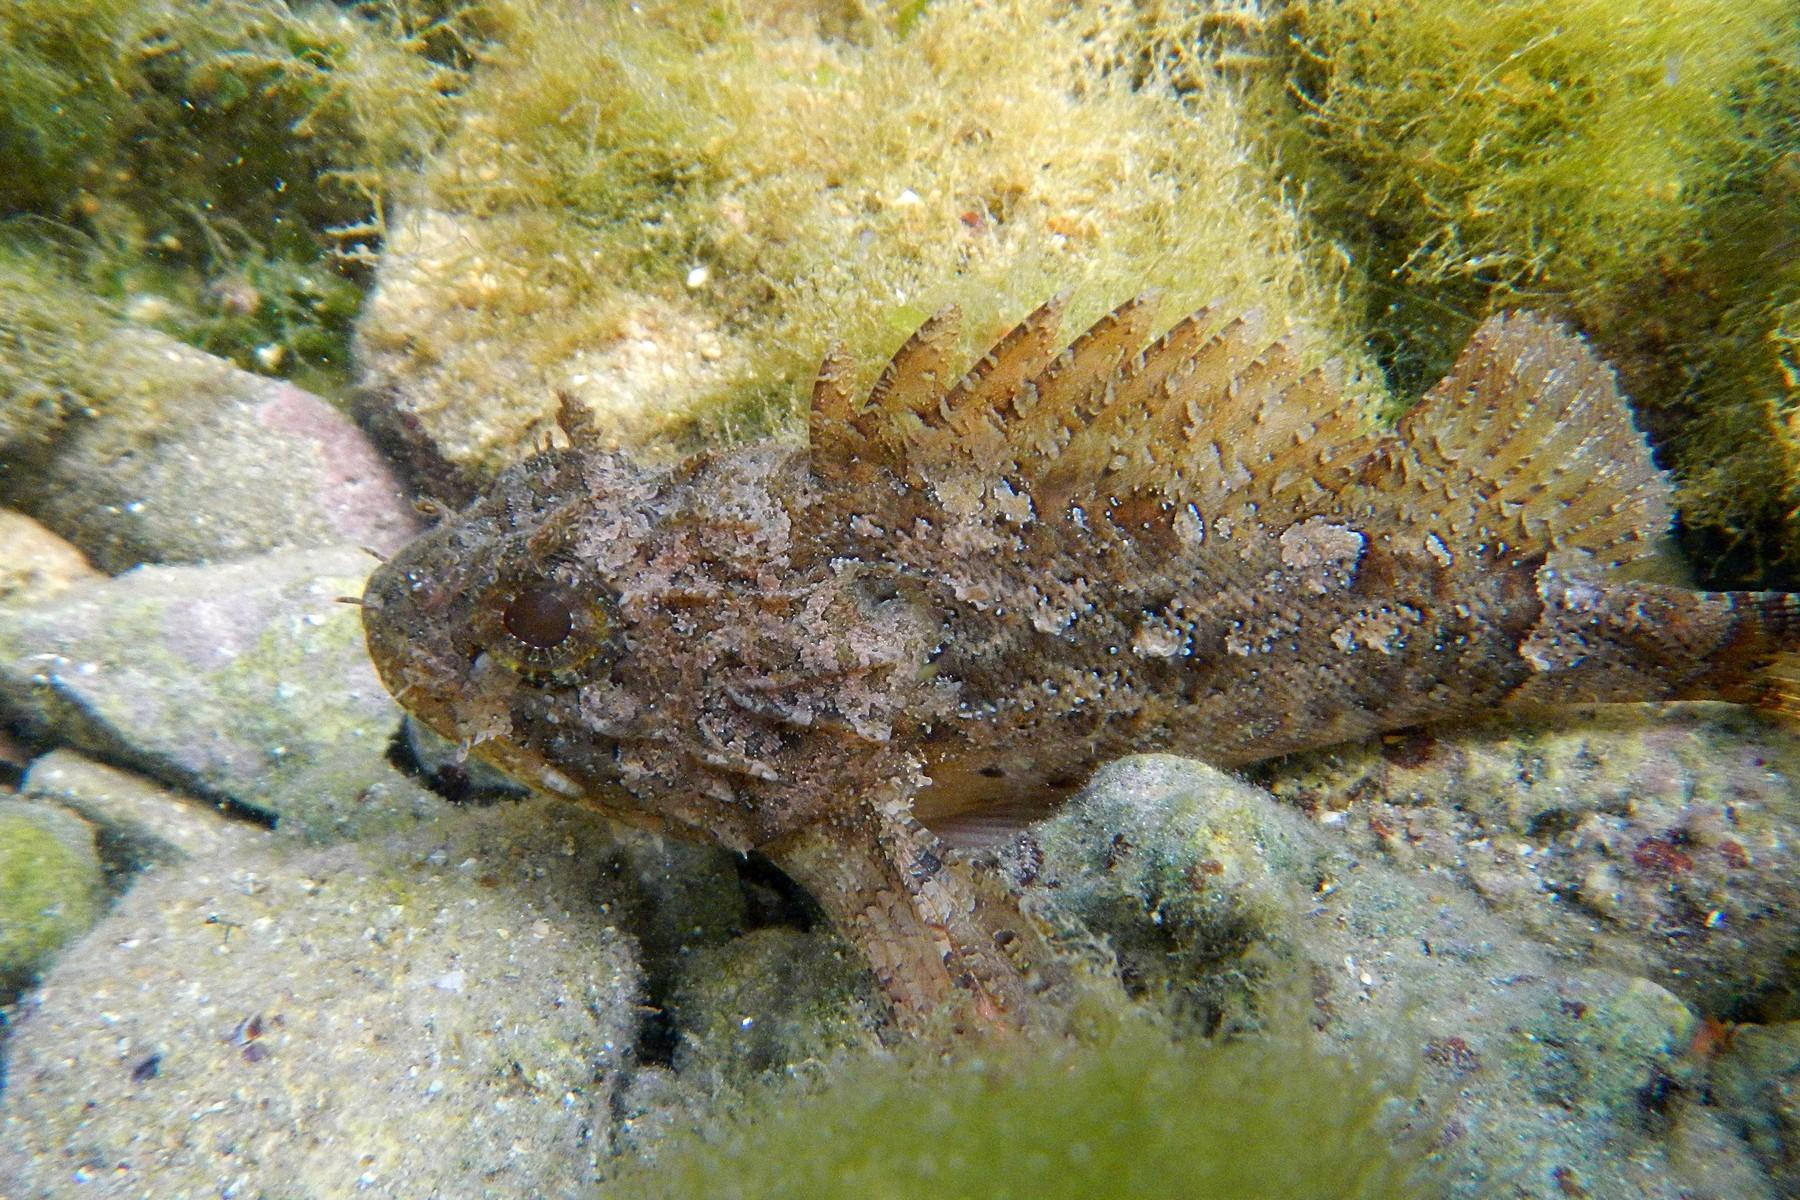 Морской ёрш, или черноморская скорпена